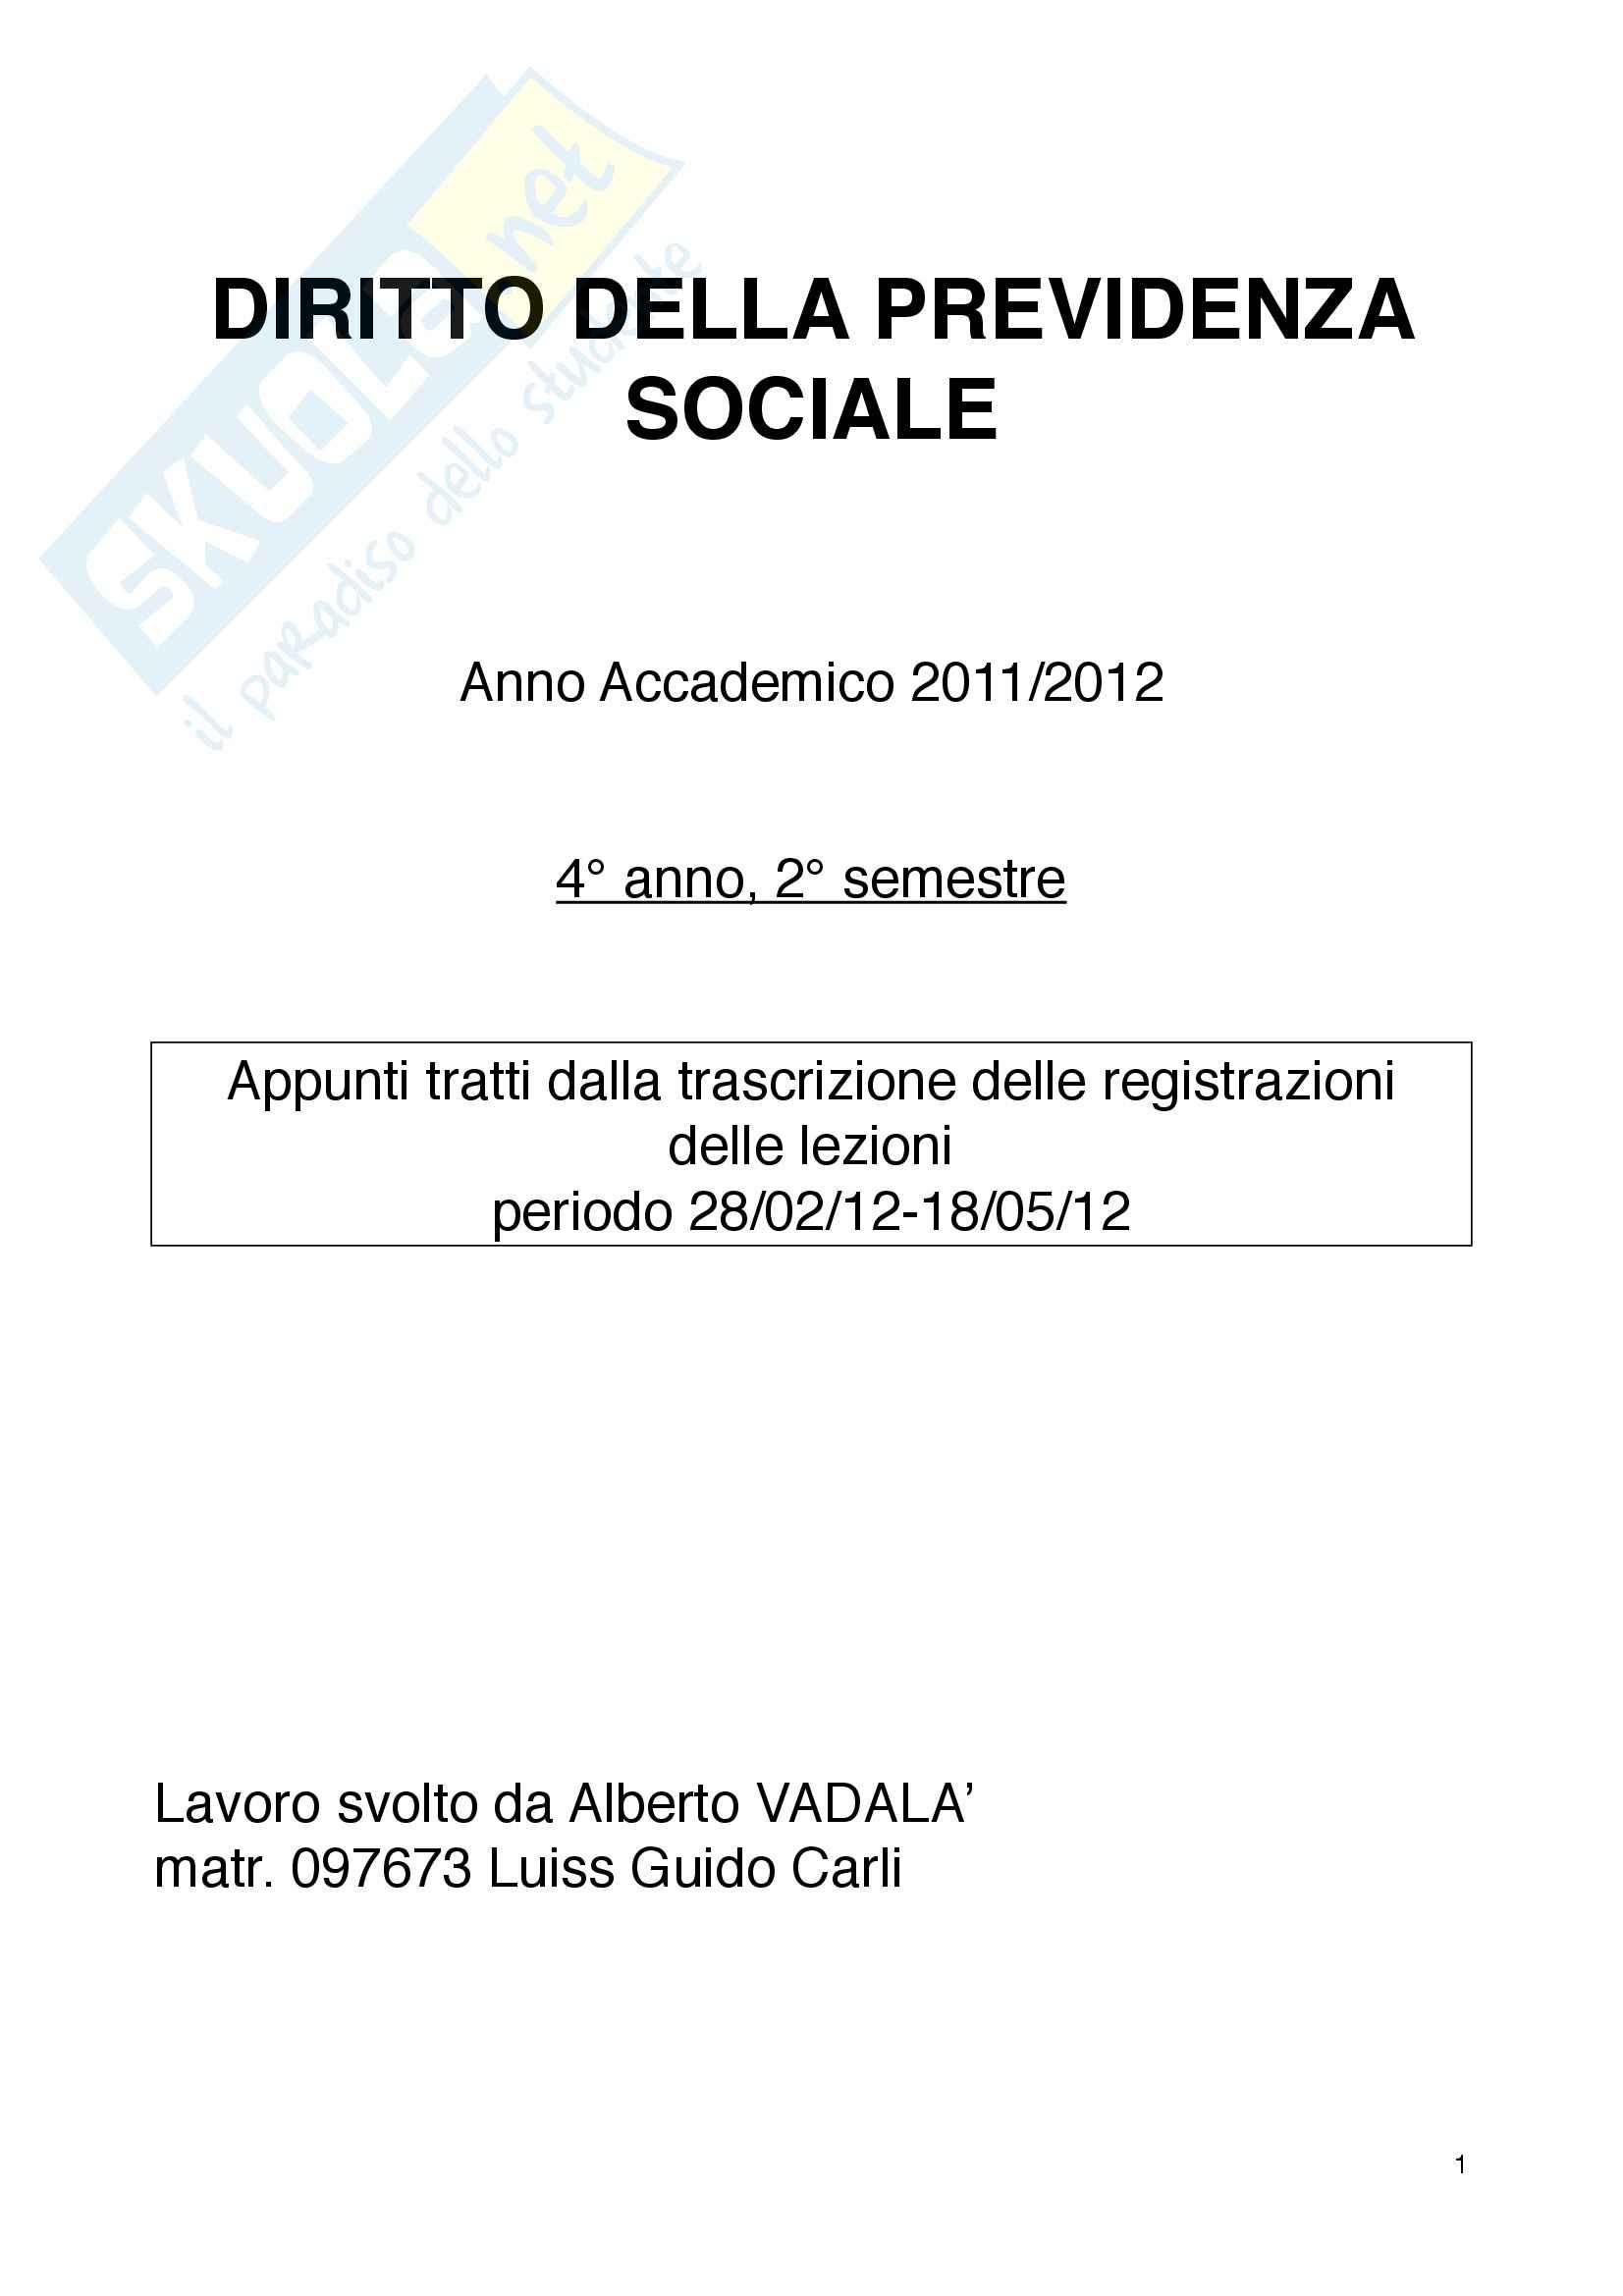 Previdenza sociale - Appunti